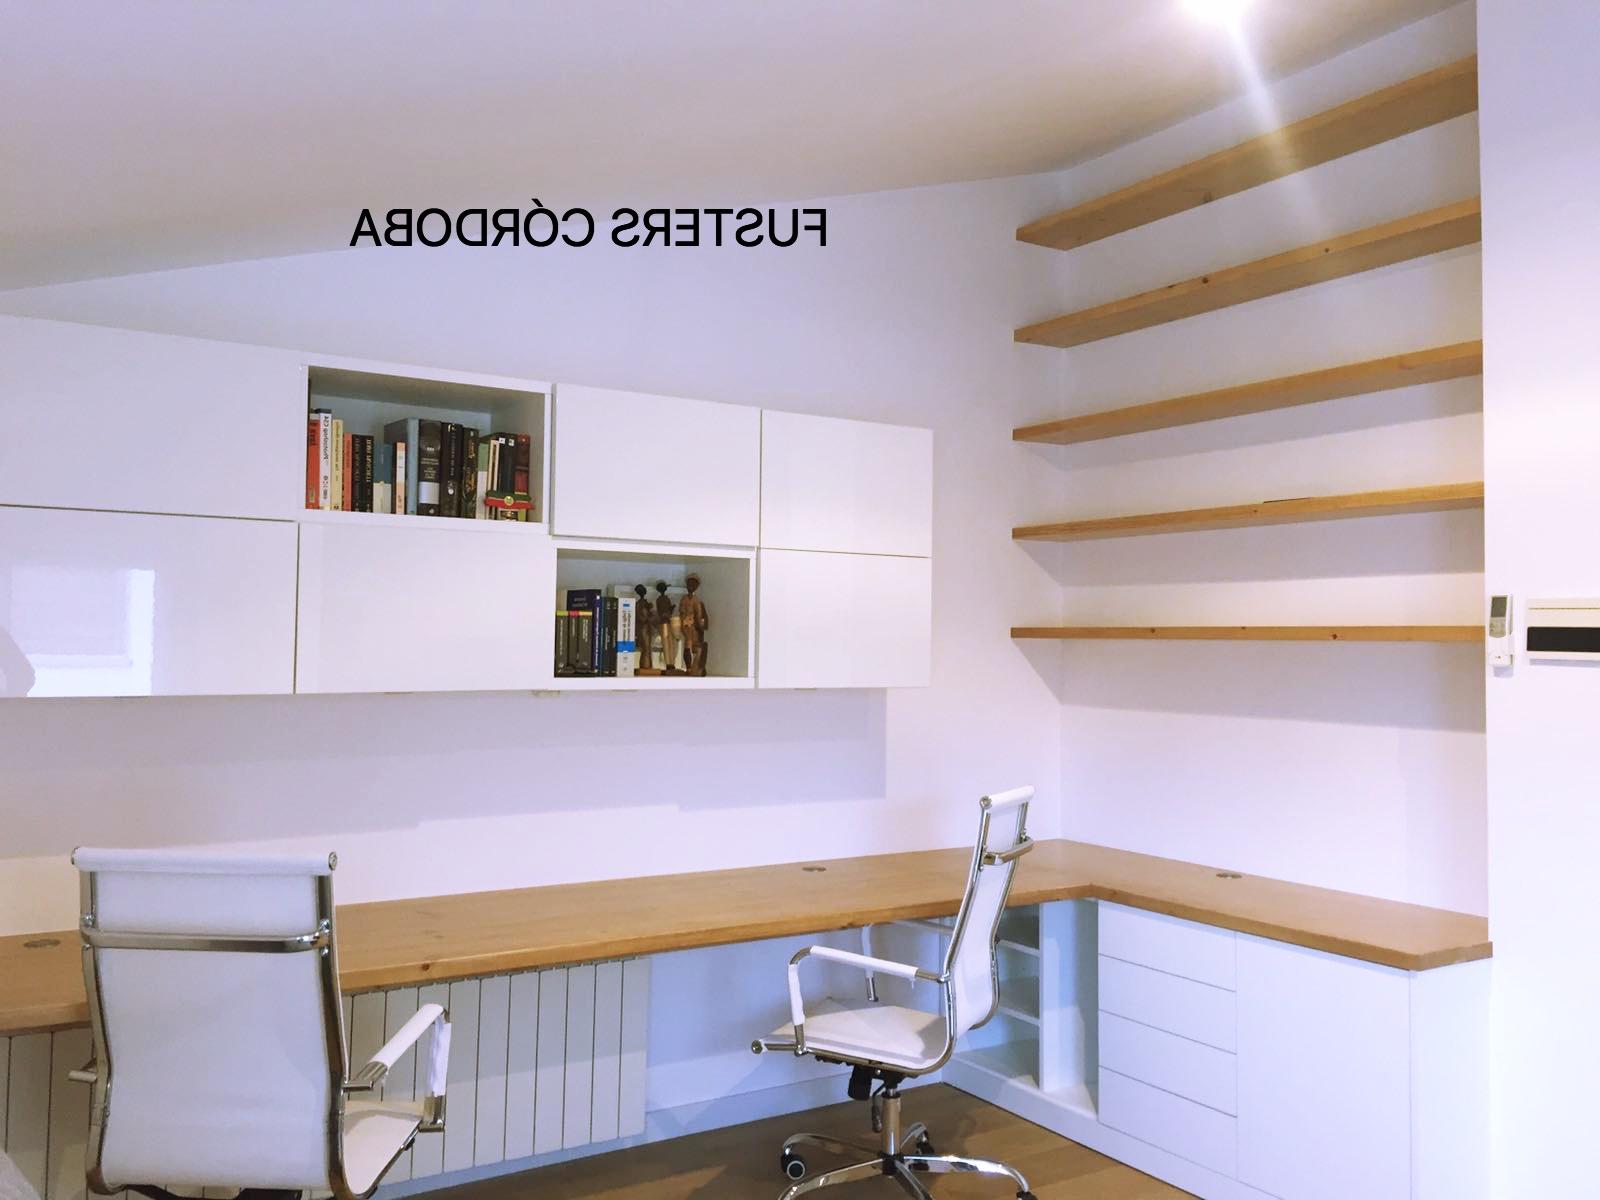 Escritorio A Medida O2d5 Escritorio Archivos Carpinteria De Madera En Barcelona